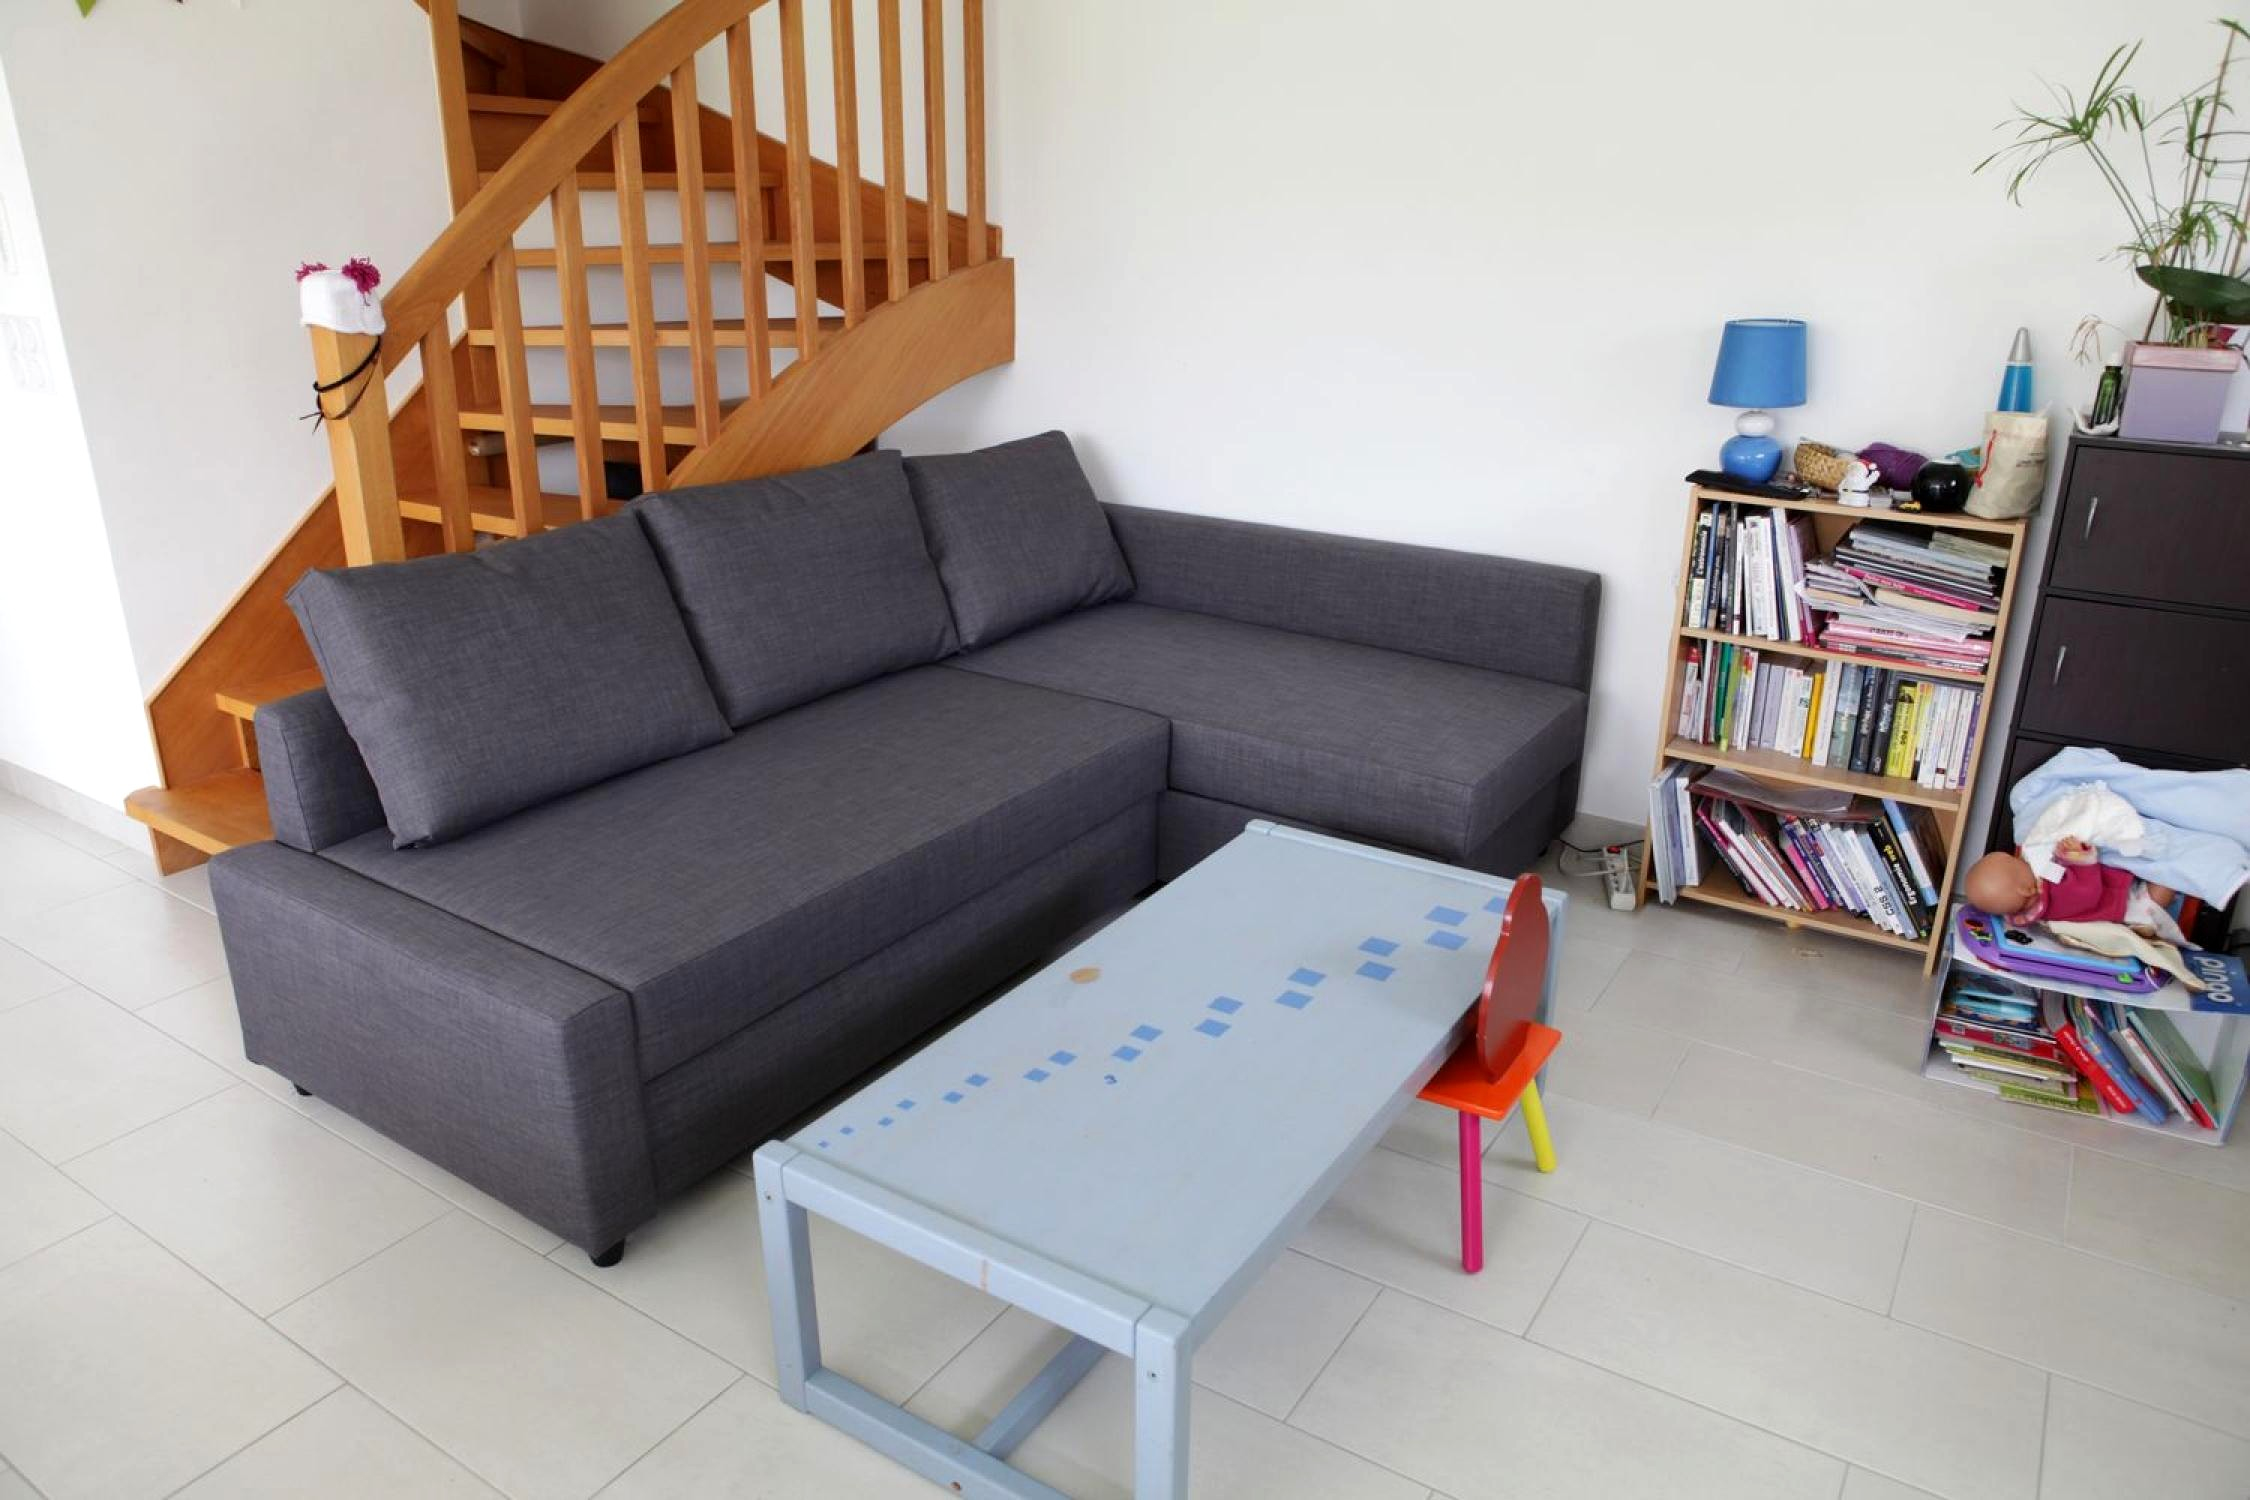 Canape D Angle Ikea Convertible Beau Image S Canapé D Angle Convertible Cuir Ikea De Canapes Ikea – Icelusa